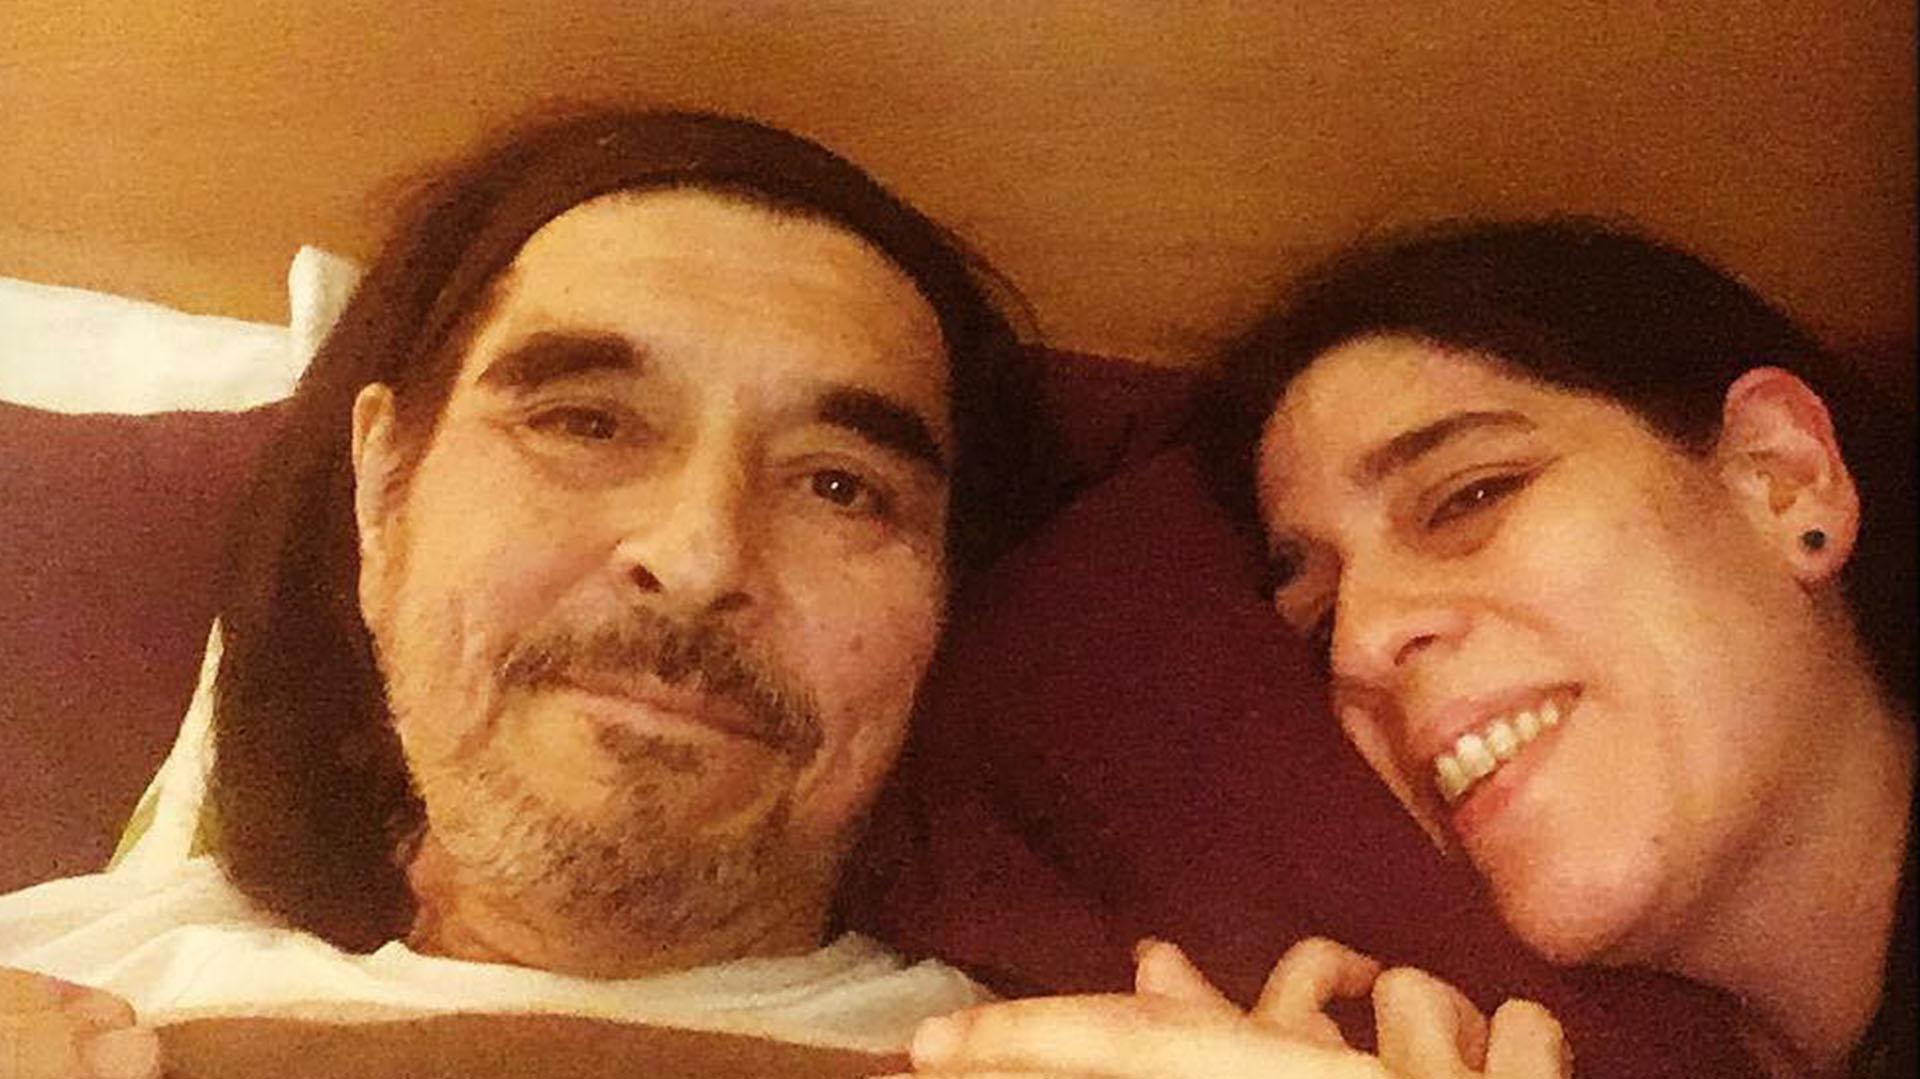 """Durante su etapa final estuvo internado, pero no pudo recuperarse. Esta es la última foto que compartió su hija en Instagram. """"Ya en casita, dice el padre"""", escribió Araceli Matus"""